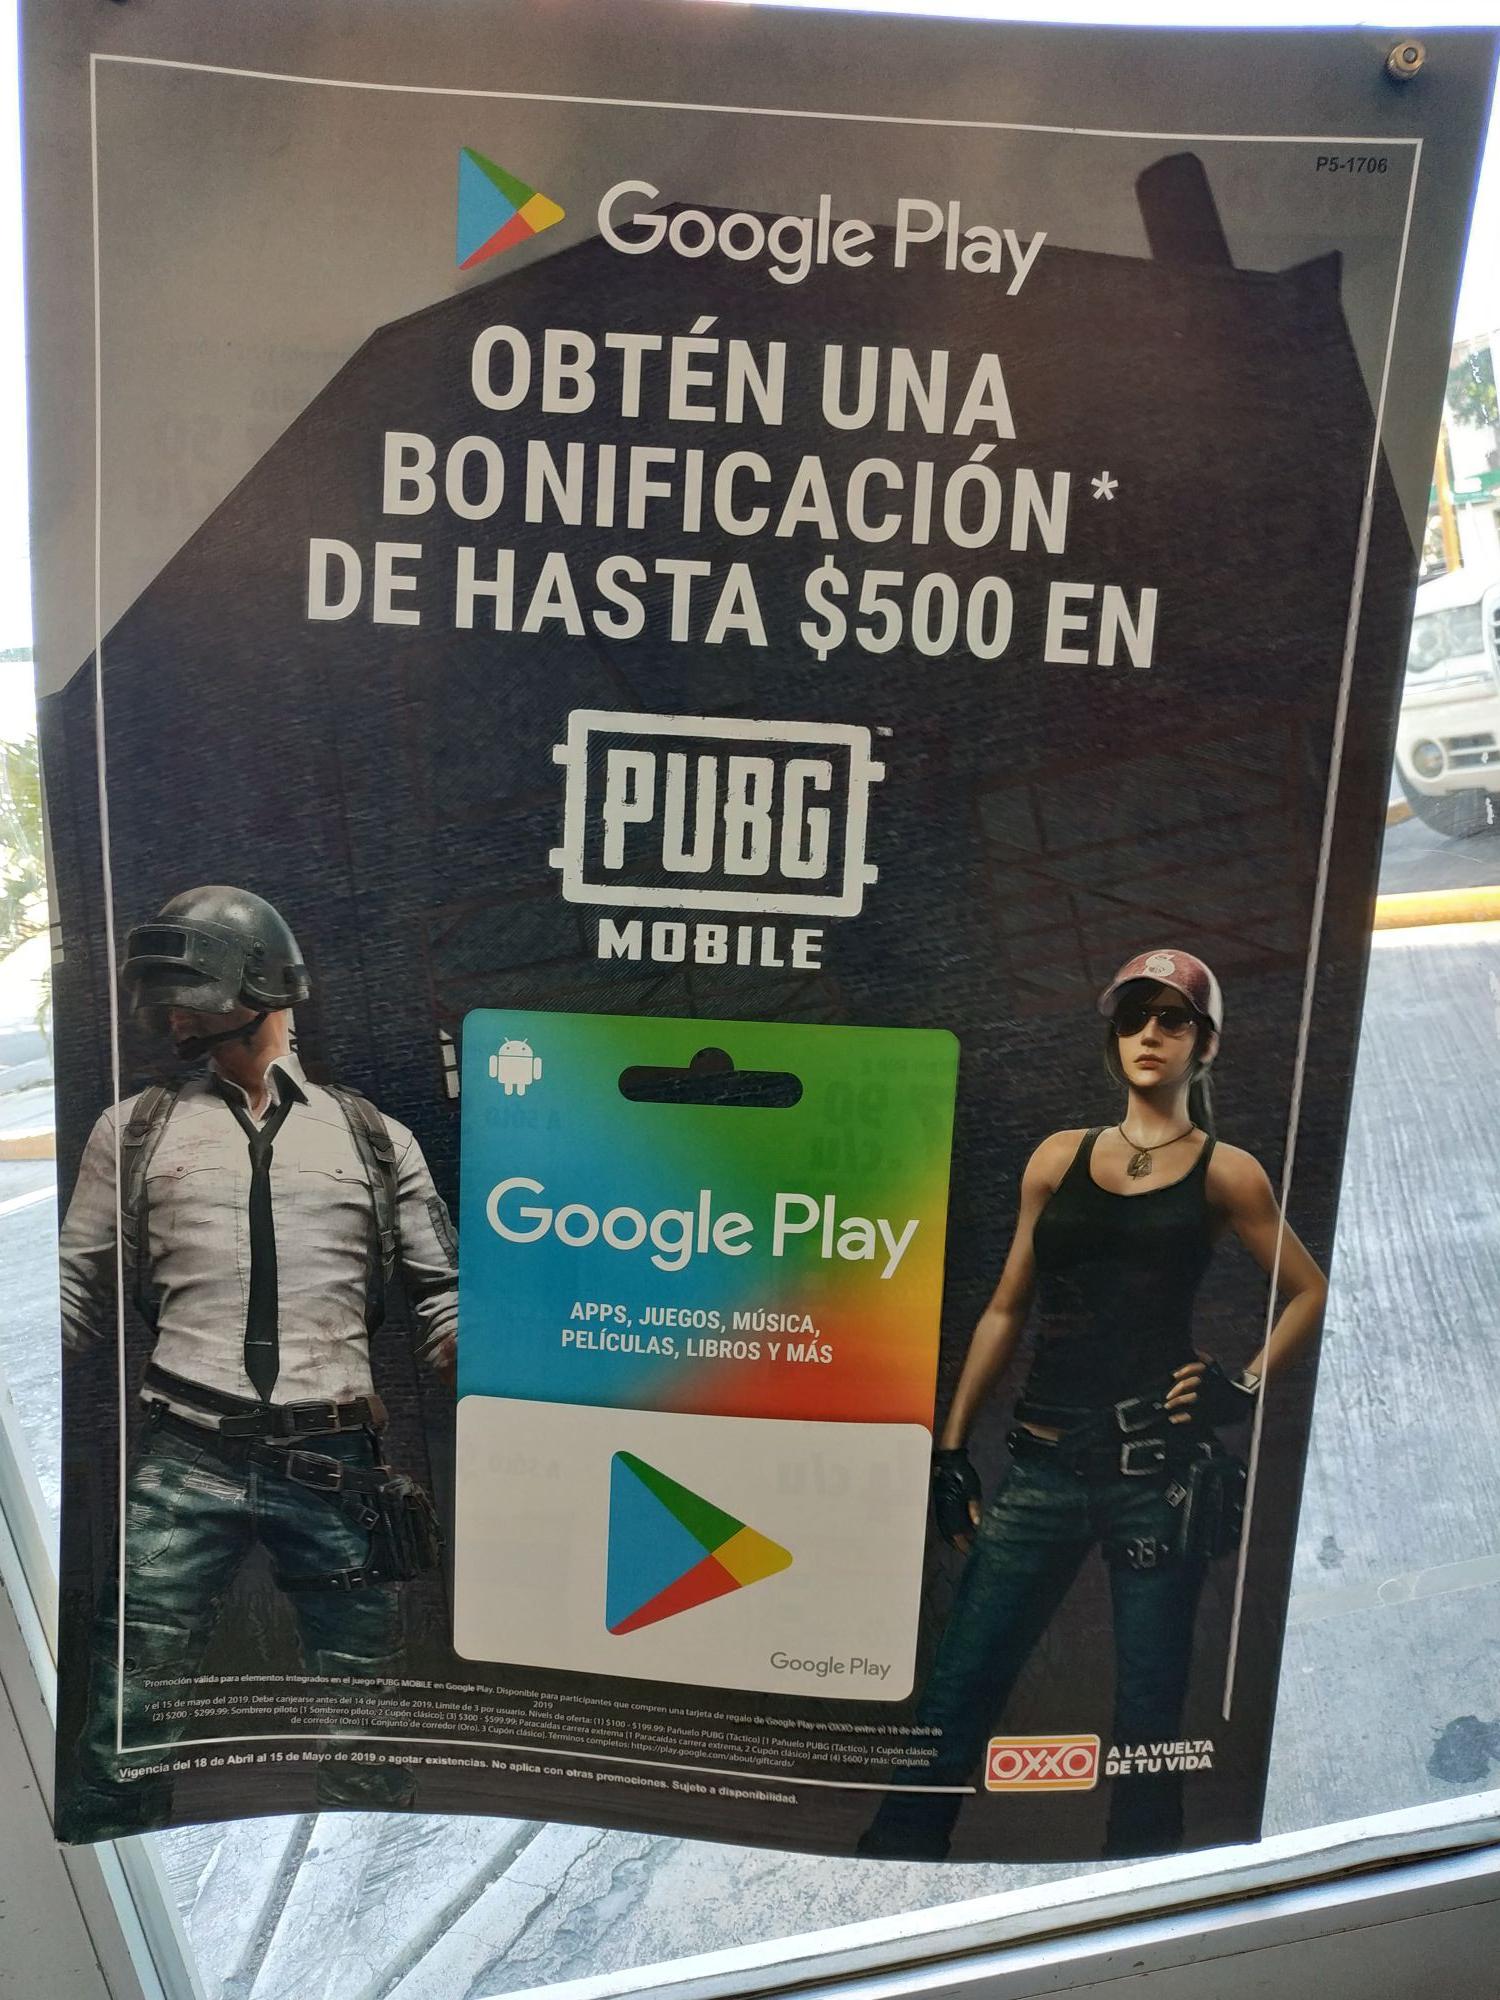 Oxxo: Promoción al comprar una tarjeta de Google play con PUBG